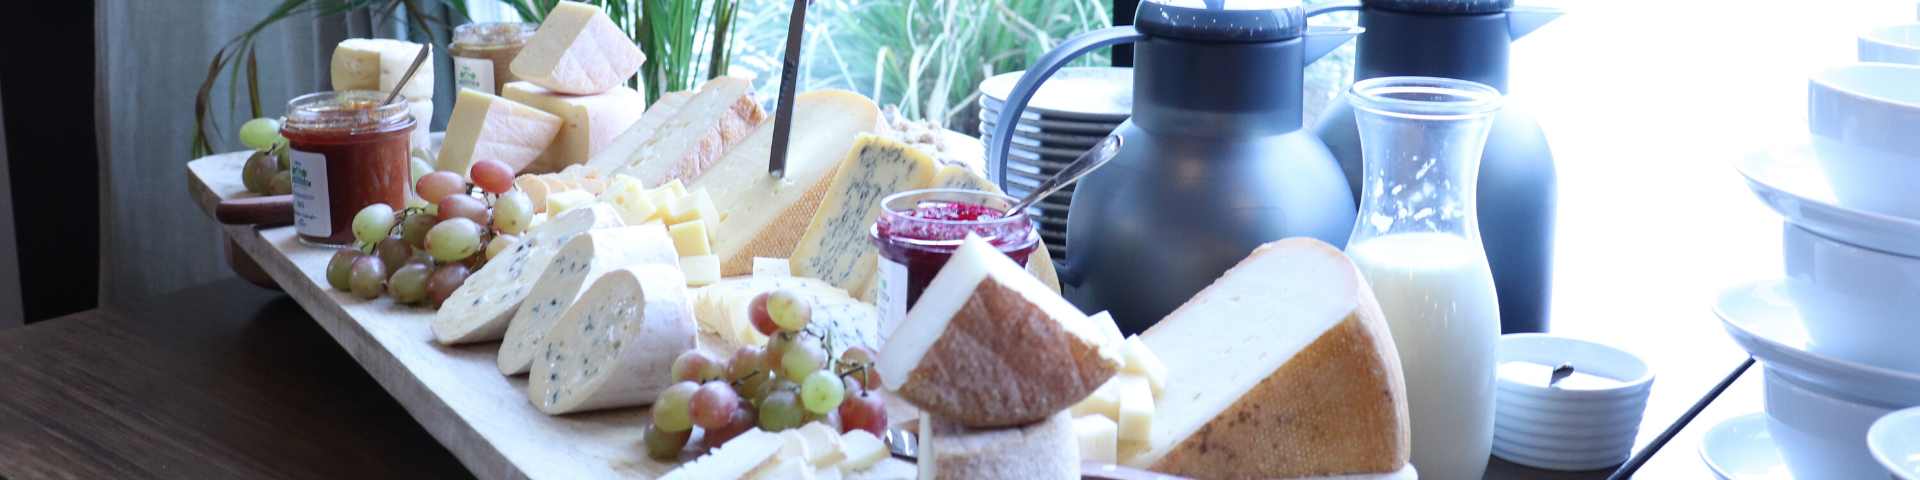 bord med masse af ost